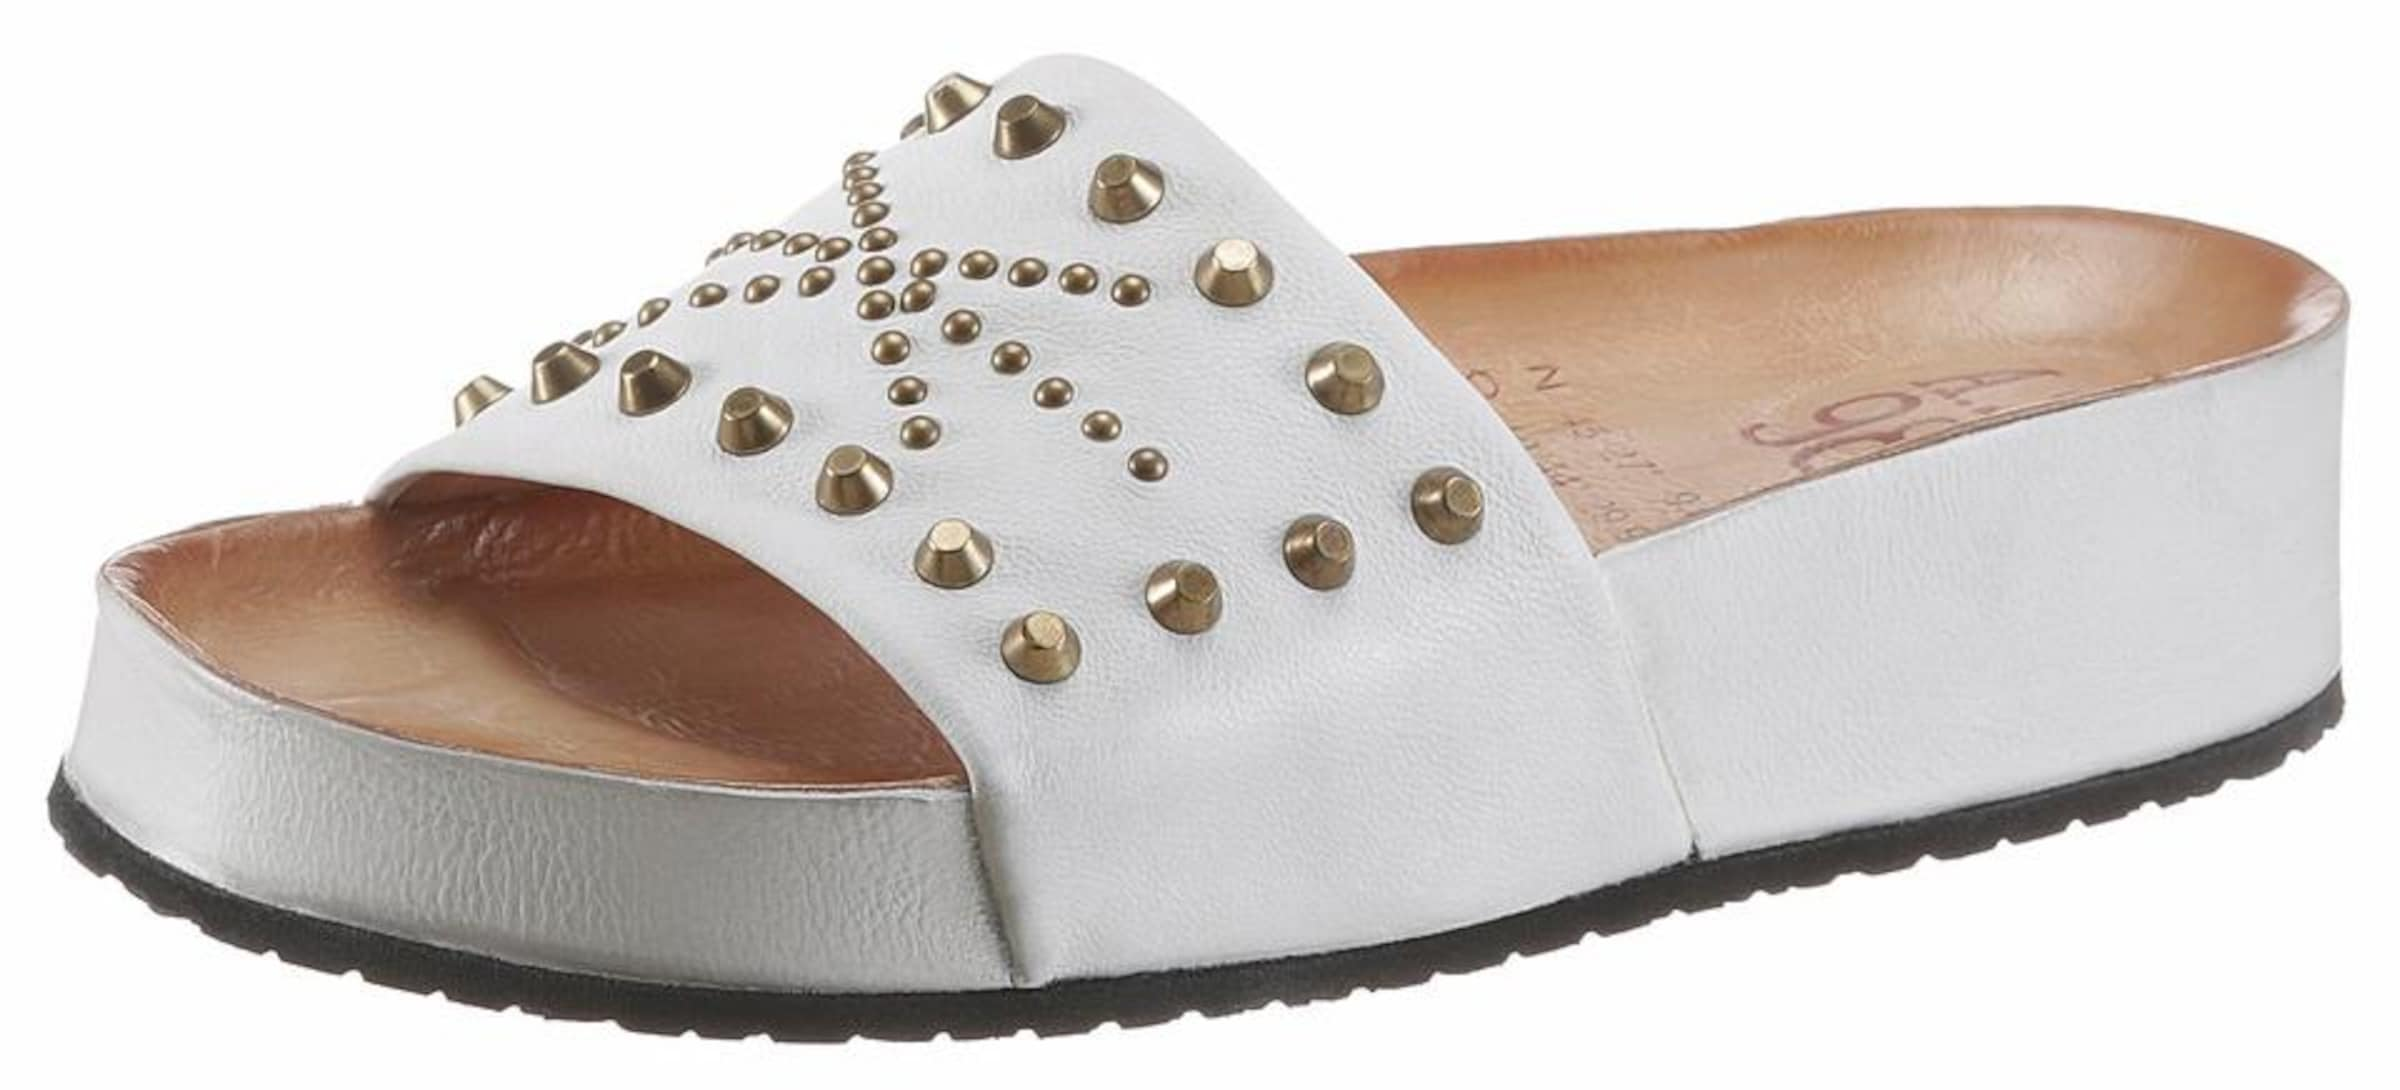 Haltbare Mode billige Schuhe | A.S.98 | Schuhe Pantolette Schuhe Gut getragene Schuhe 2b5c15